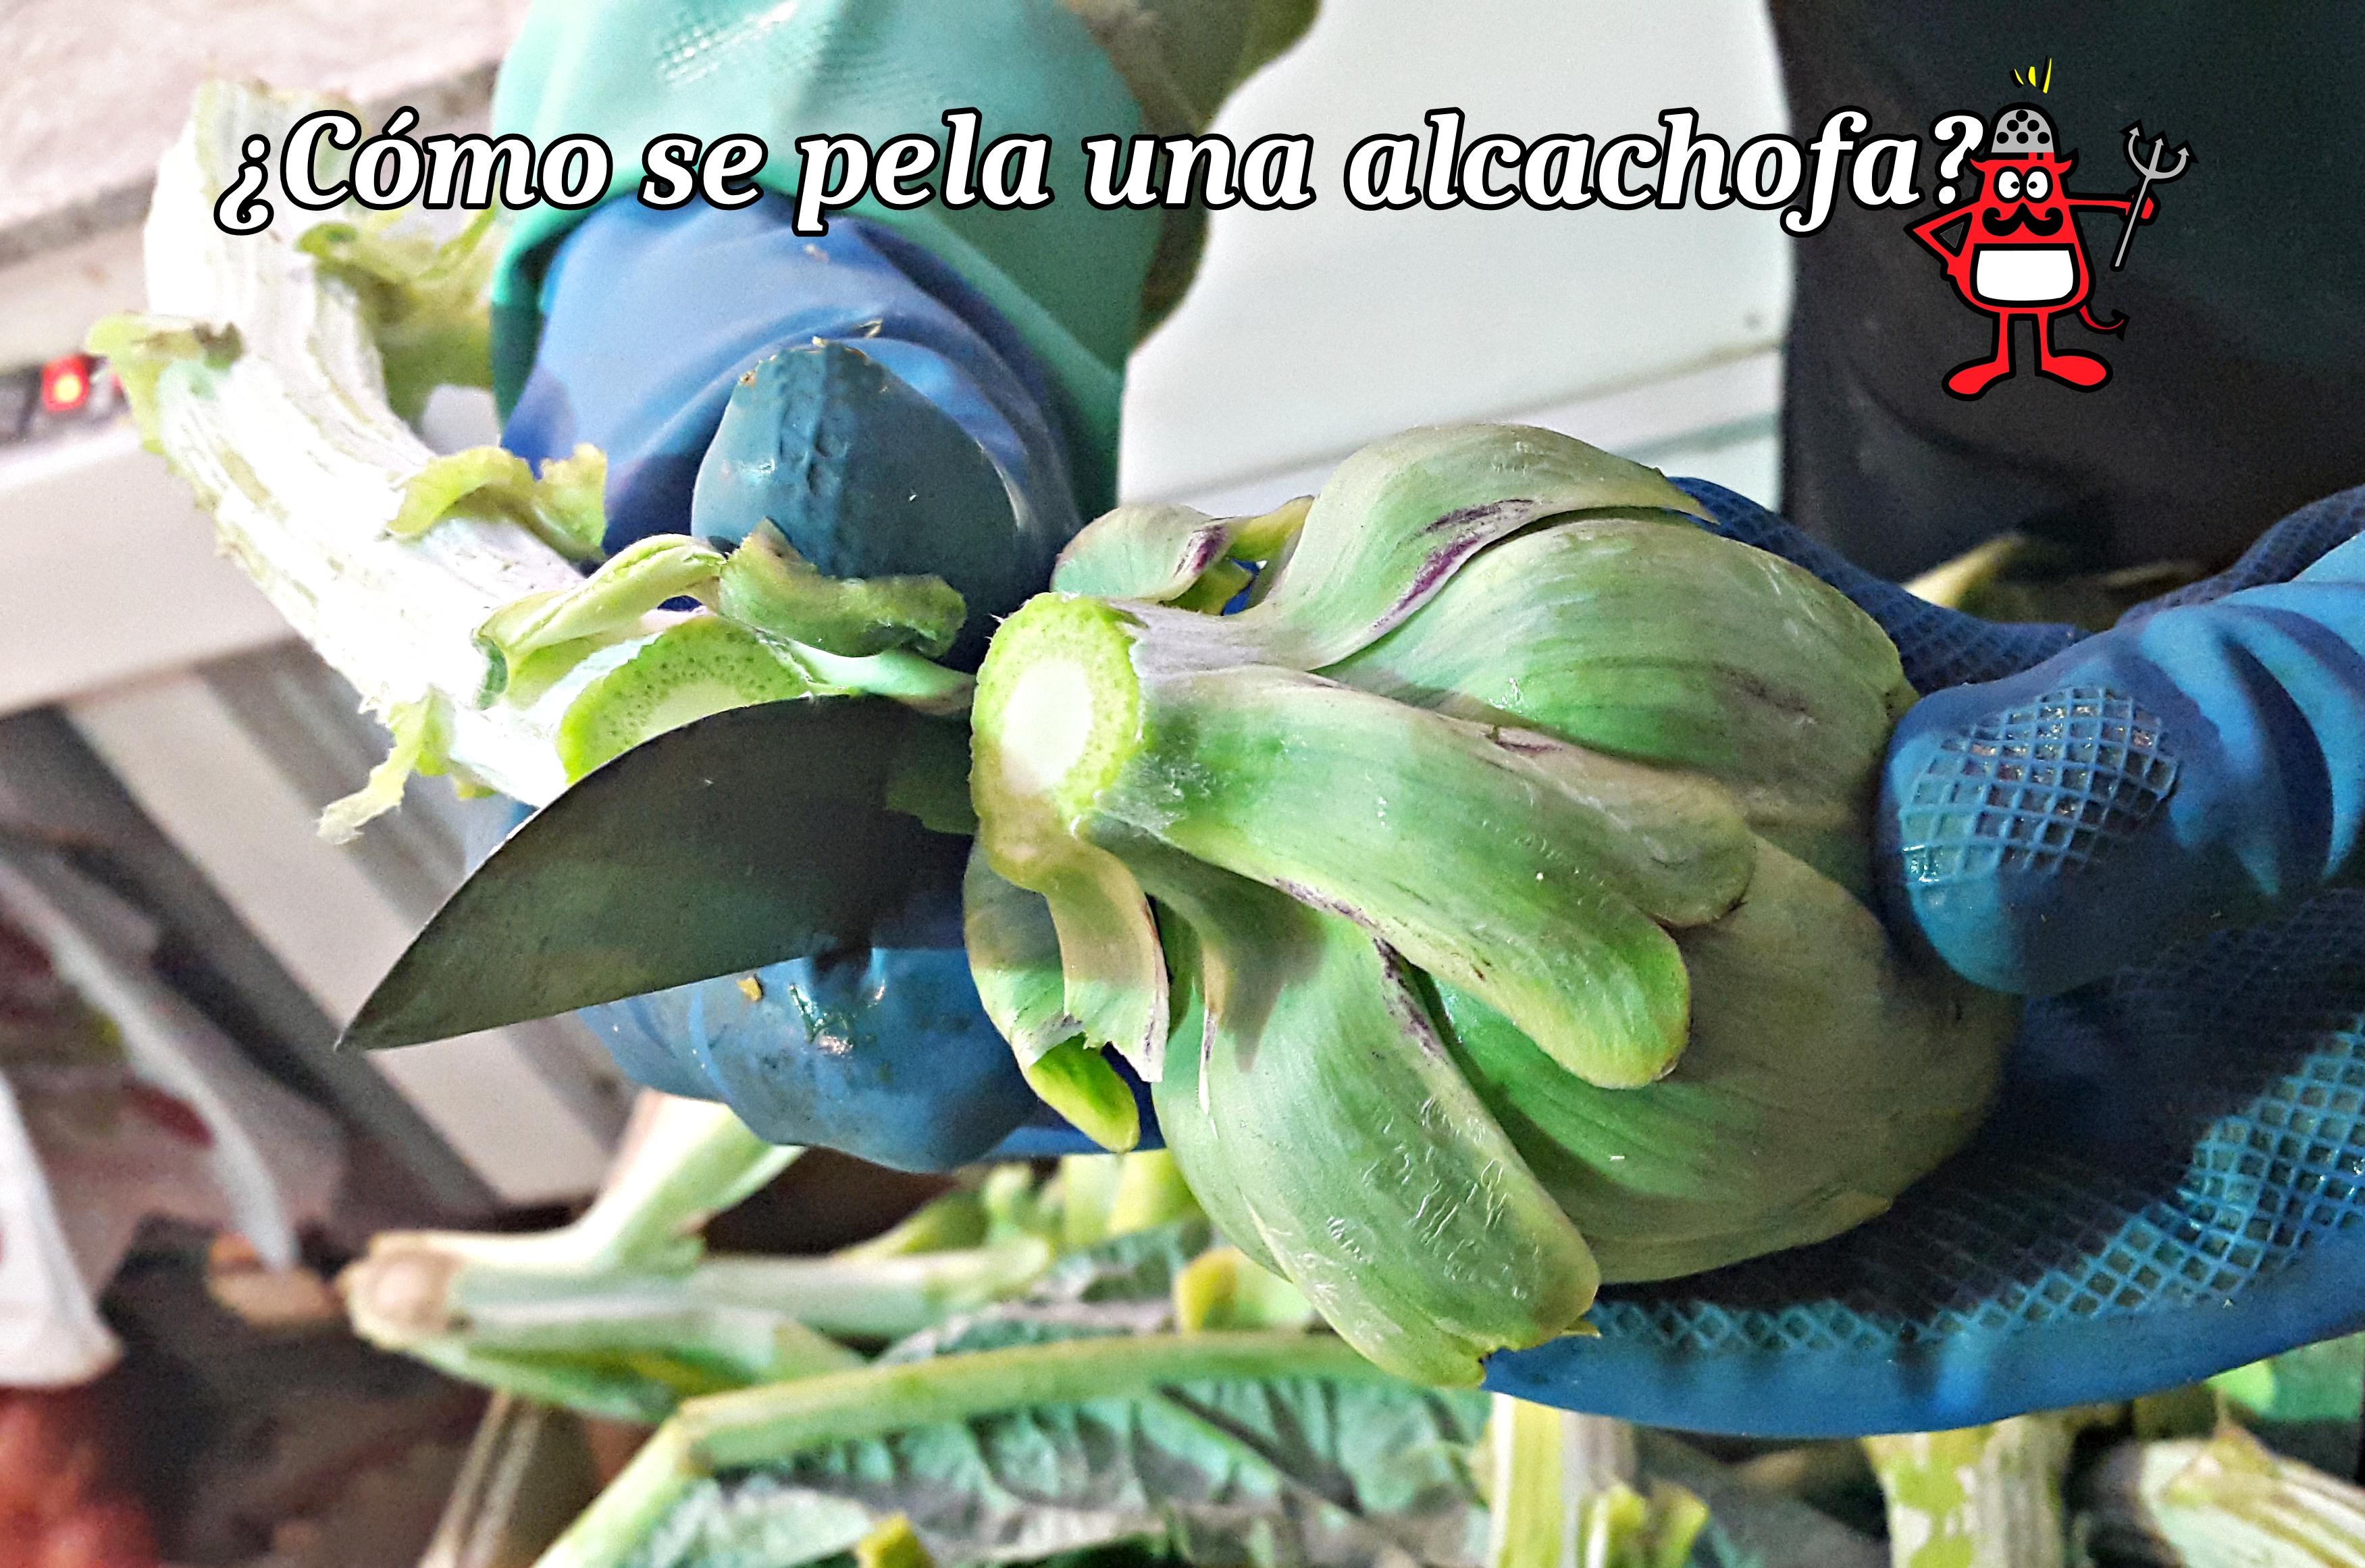 Proceso de pelado de la alcachofa.